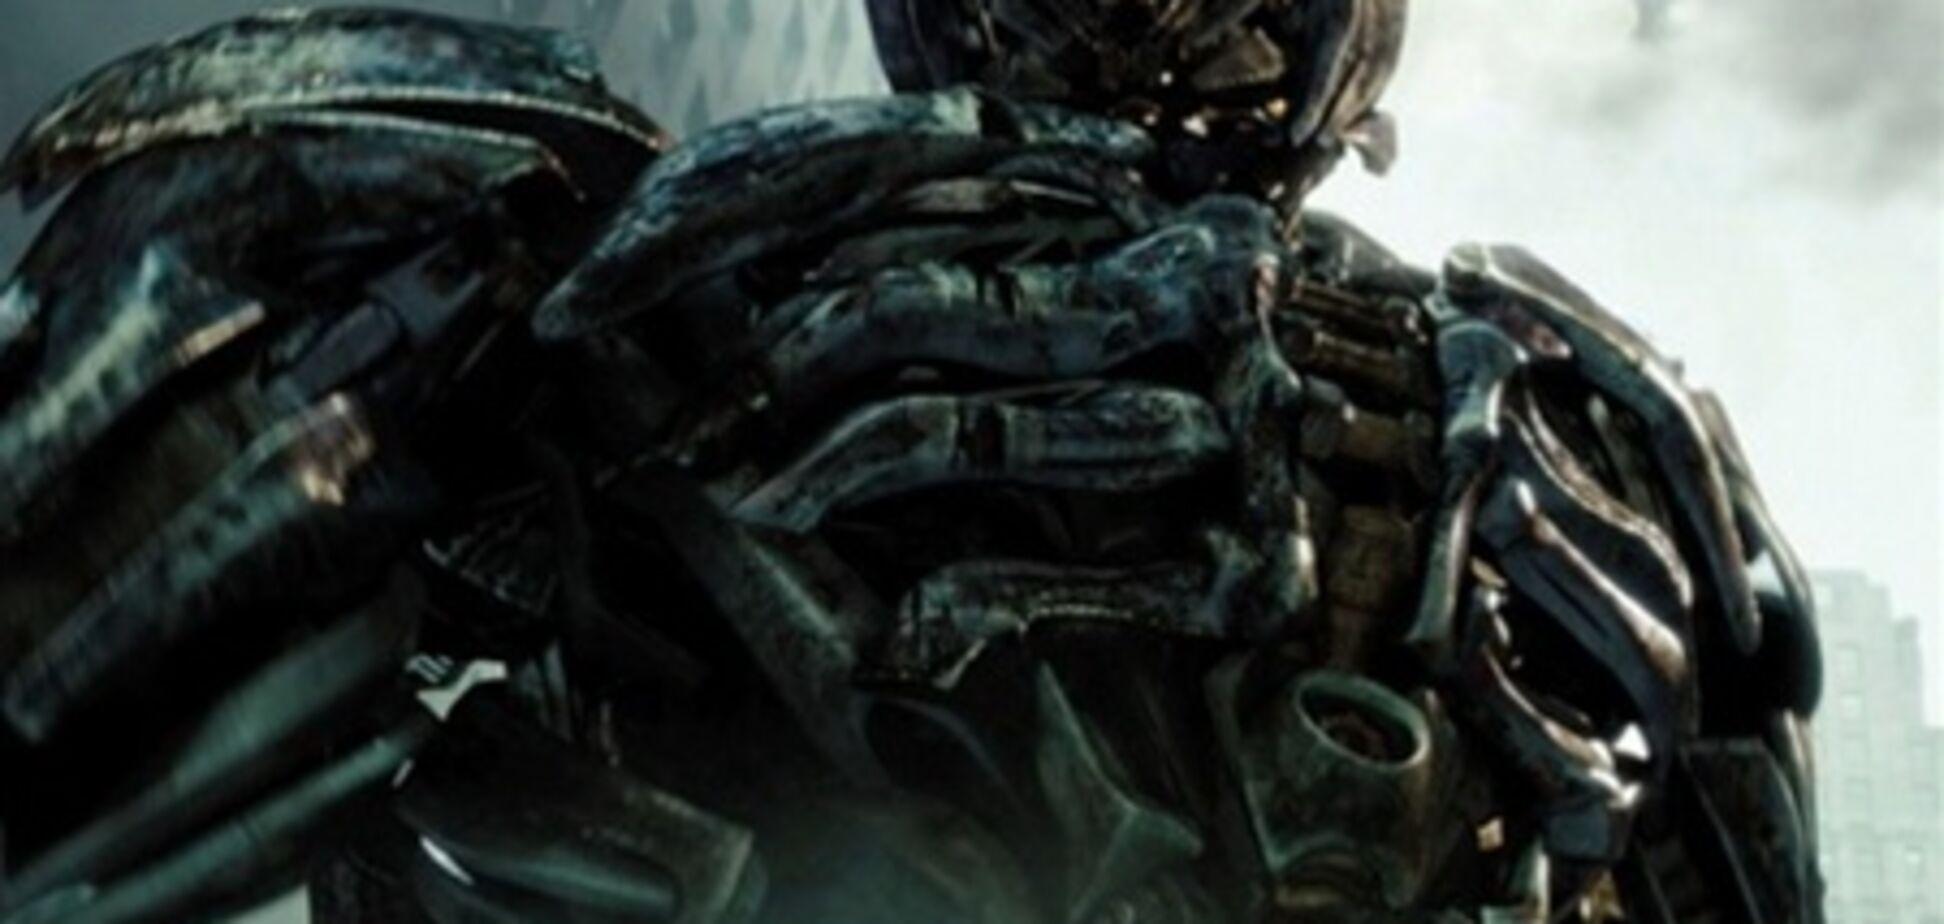 В 'Трансформерах 4' появятся новые роботы